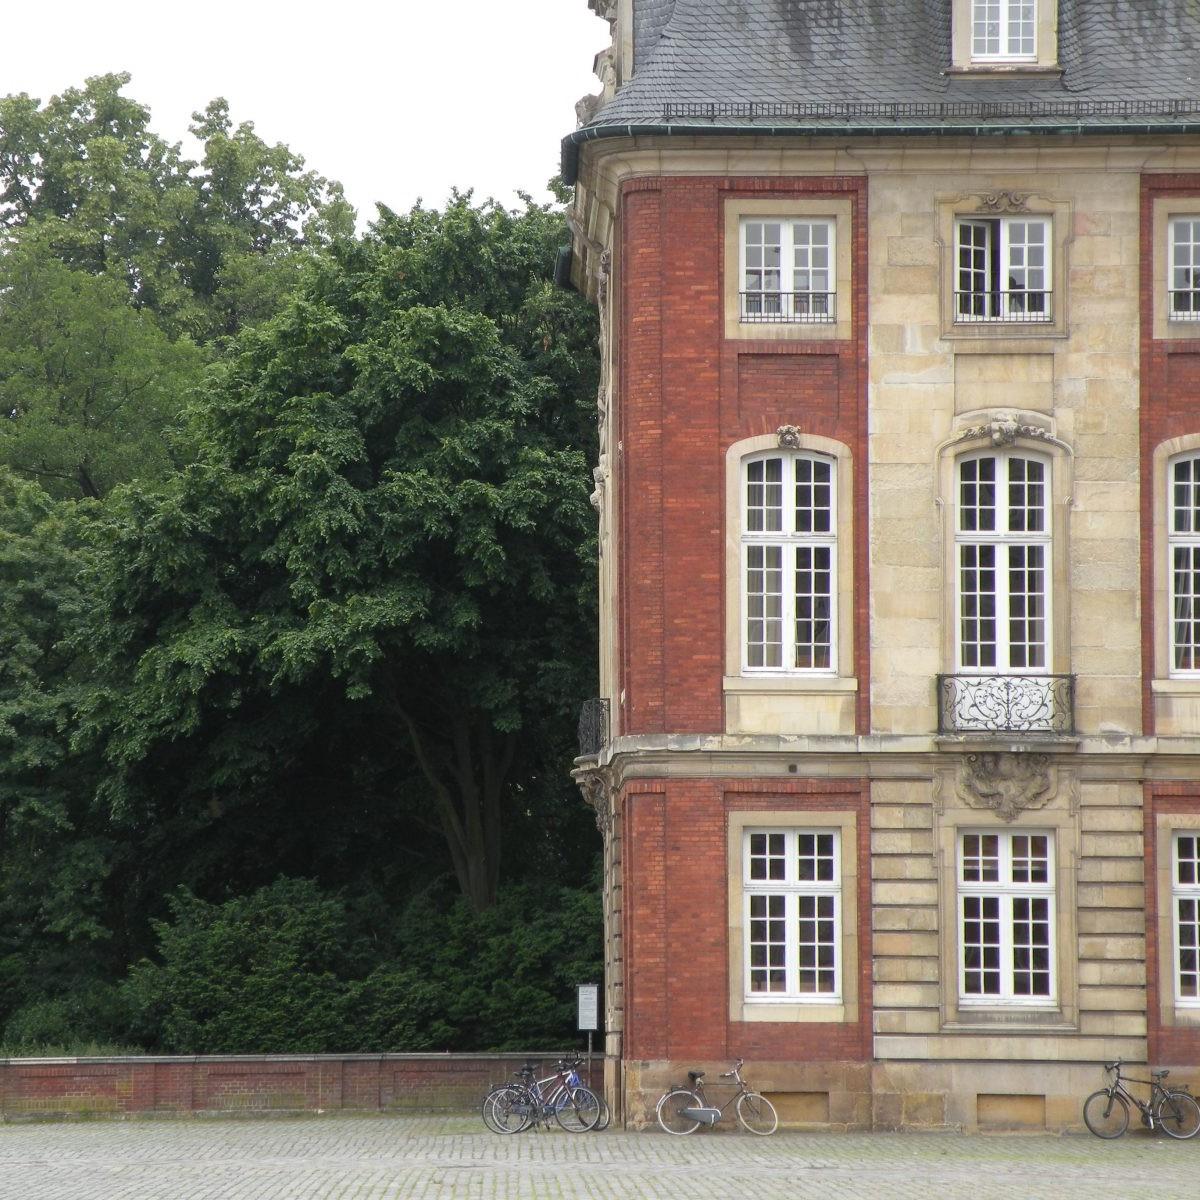 Schloss in Münster: Das städtebauliche Umfeld bedarf der baukulturellen Entwicklung - Foto: Stefan Rethfeld